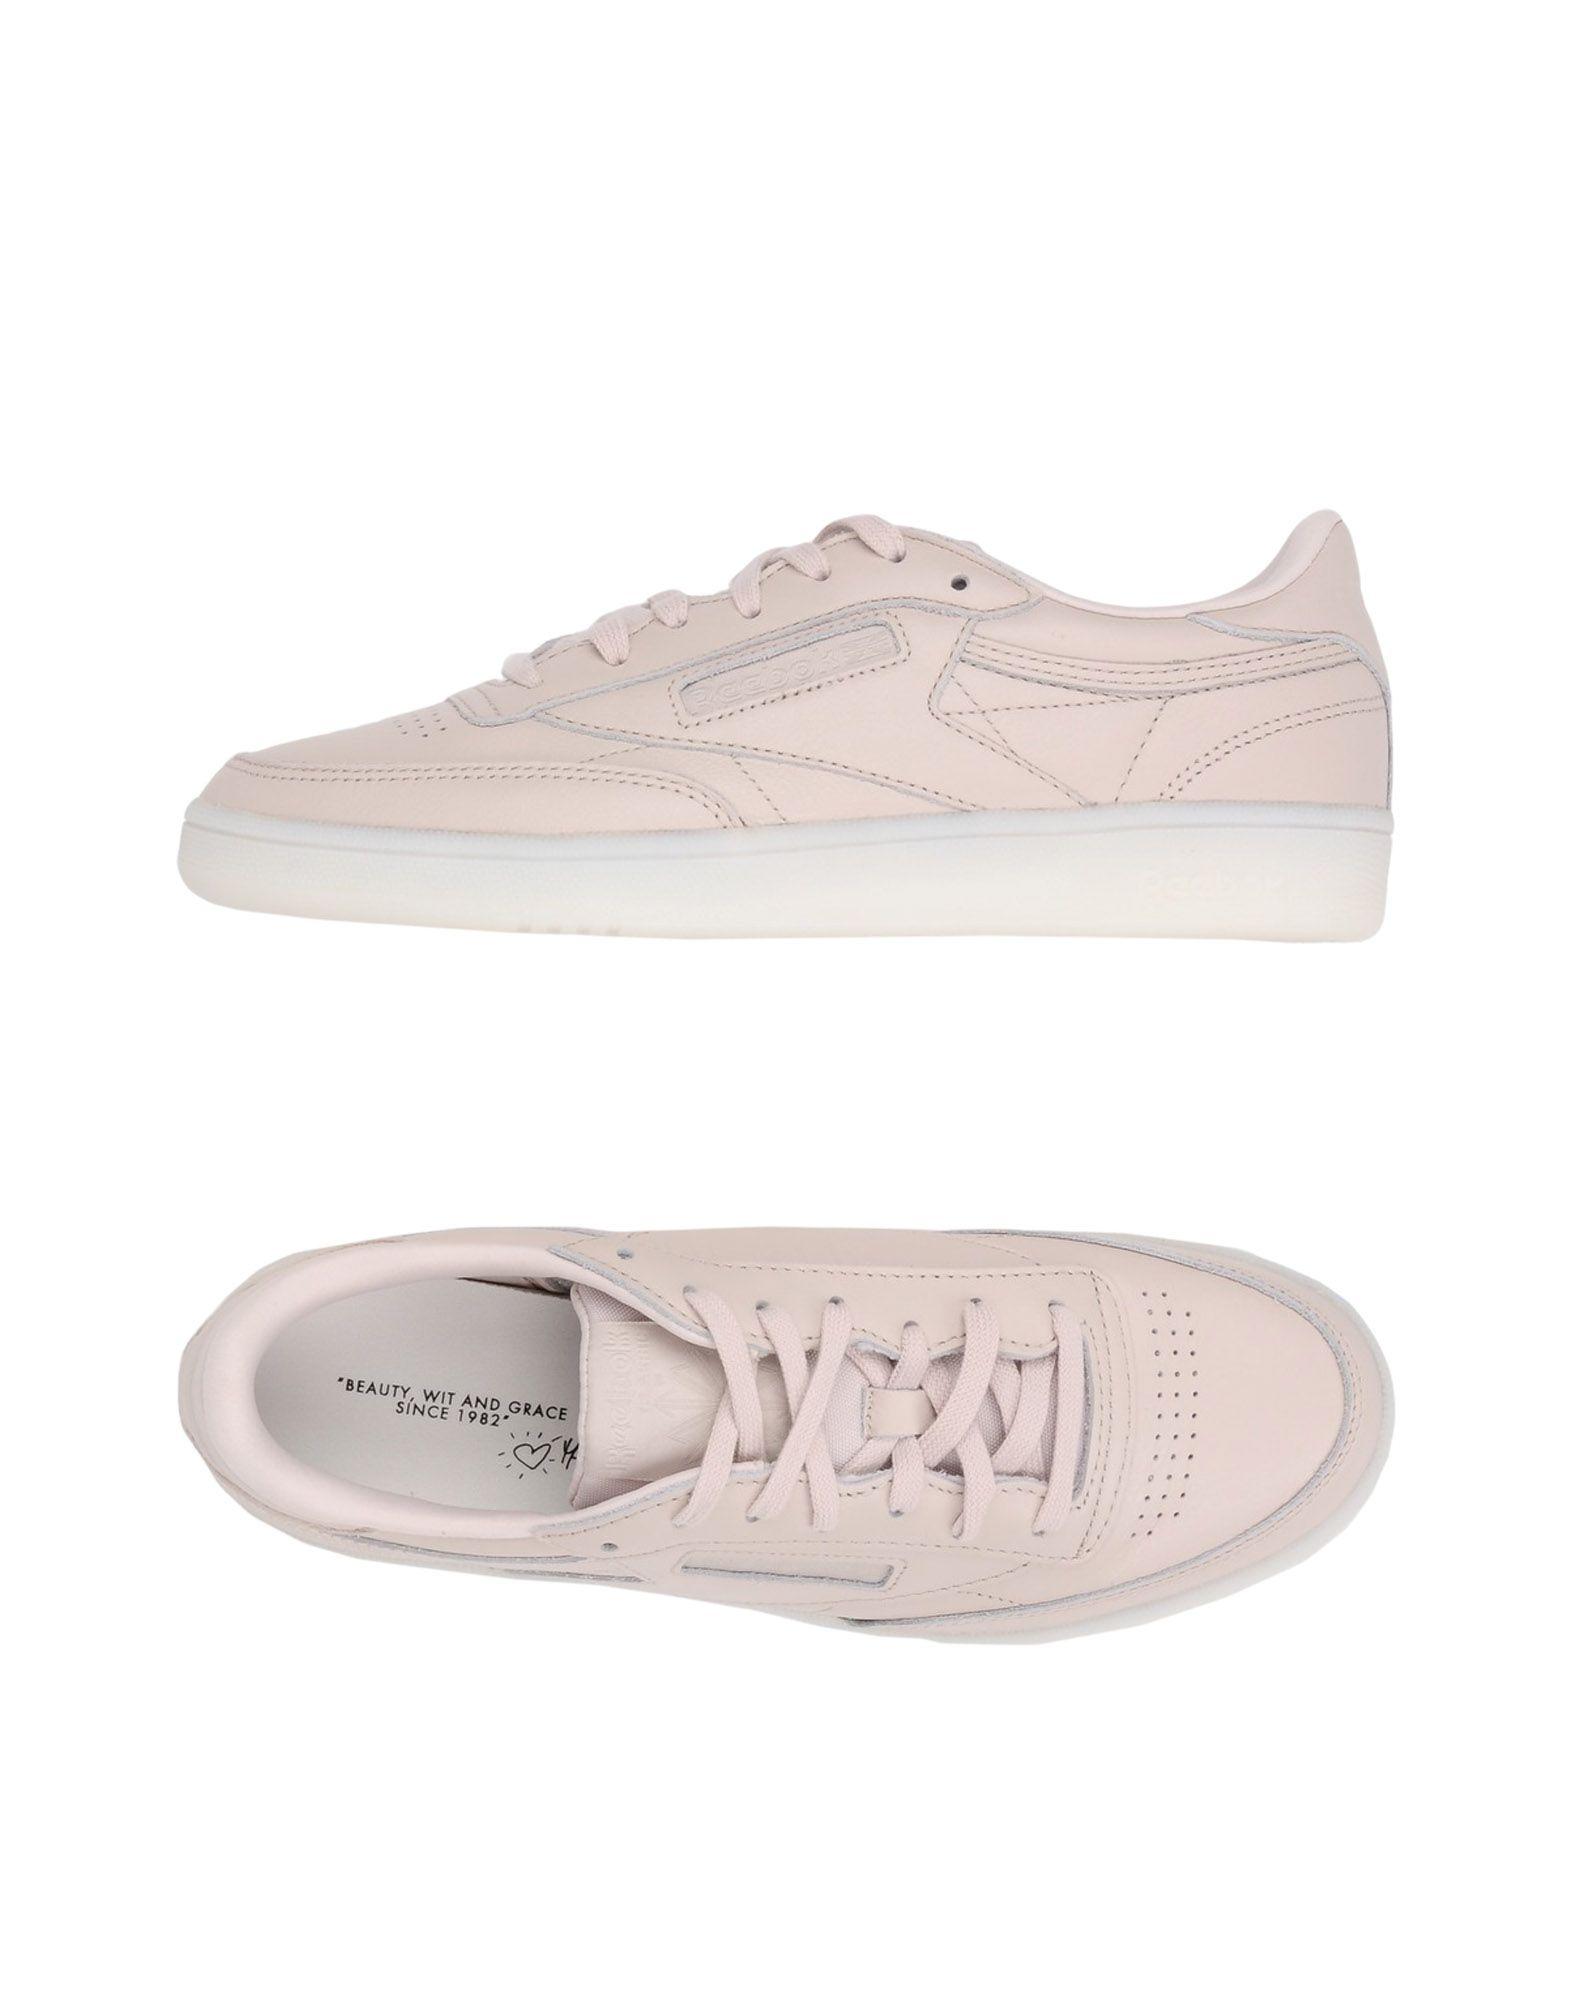 Reebok Club C 85 - Australia Sneakers - Women Reebok Sneakers online on  Australia - - 11384351AL 488878